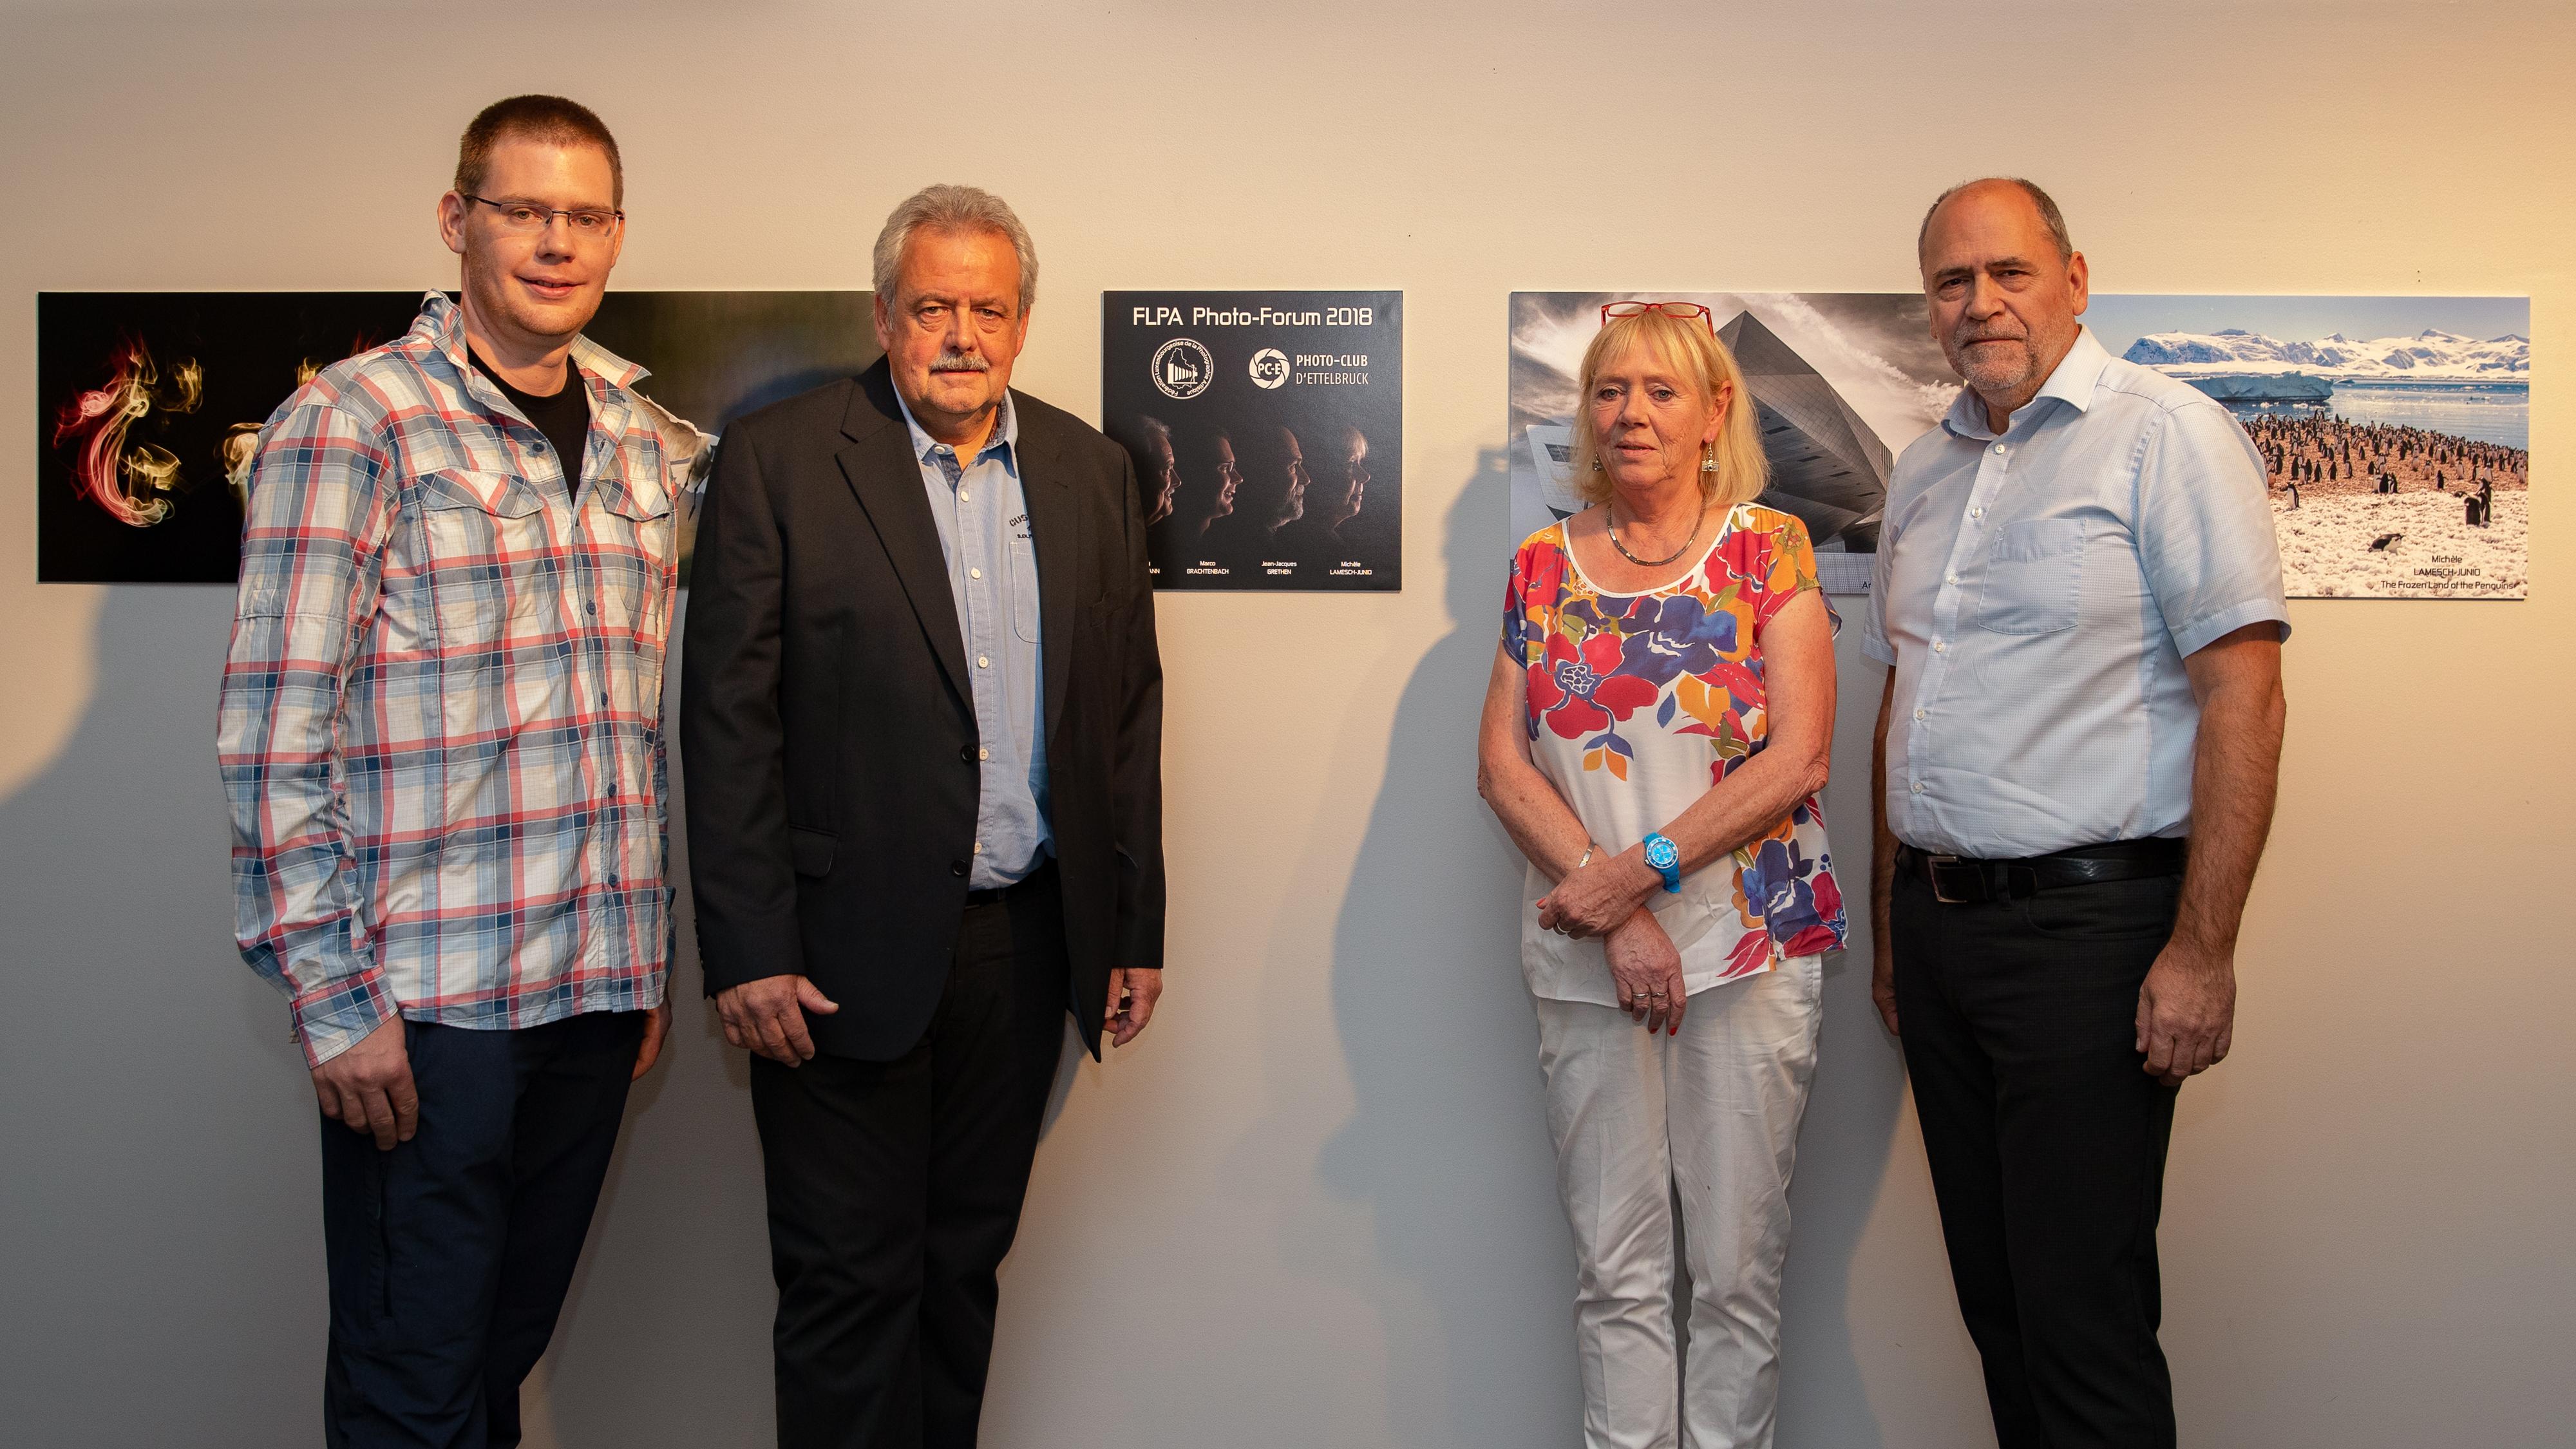 2018 Photo Forum Ettelbrück